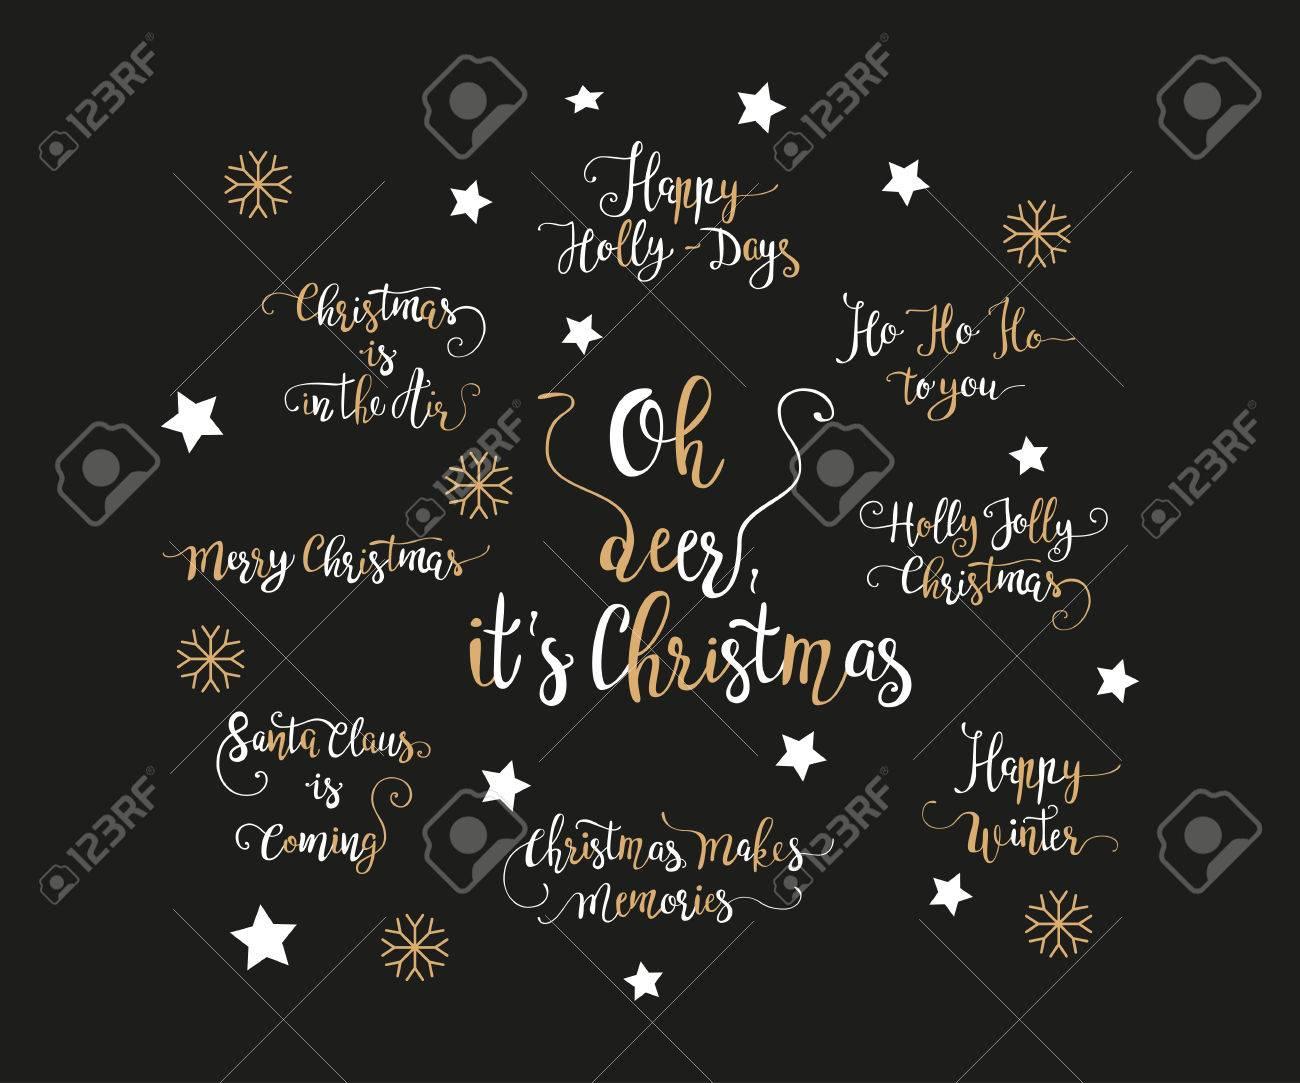 Weihnachtsbilder Und Videos.Set Of Handdrawn Christmas Lettering Unique Calligraphy Xmas